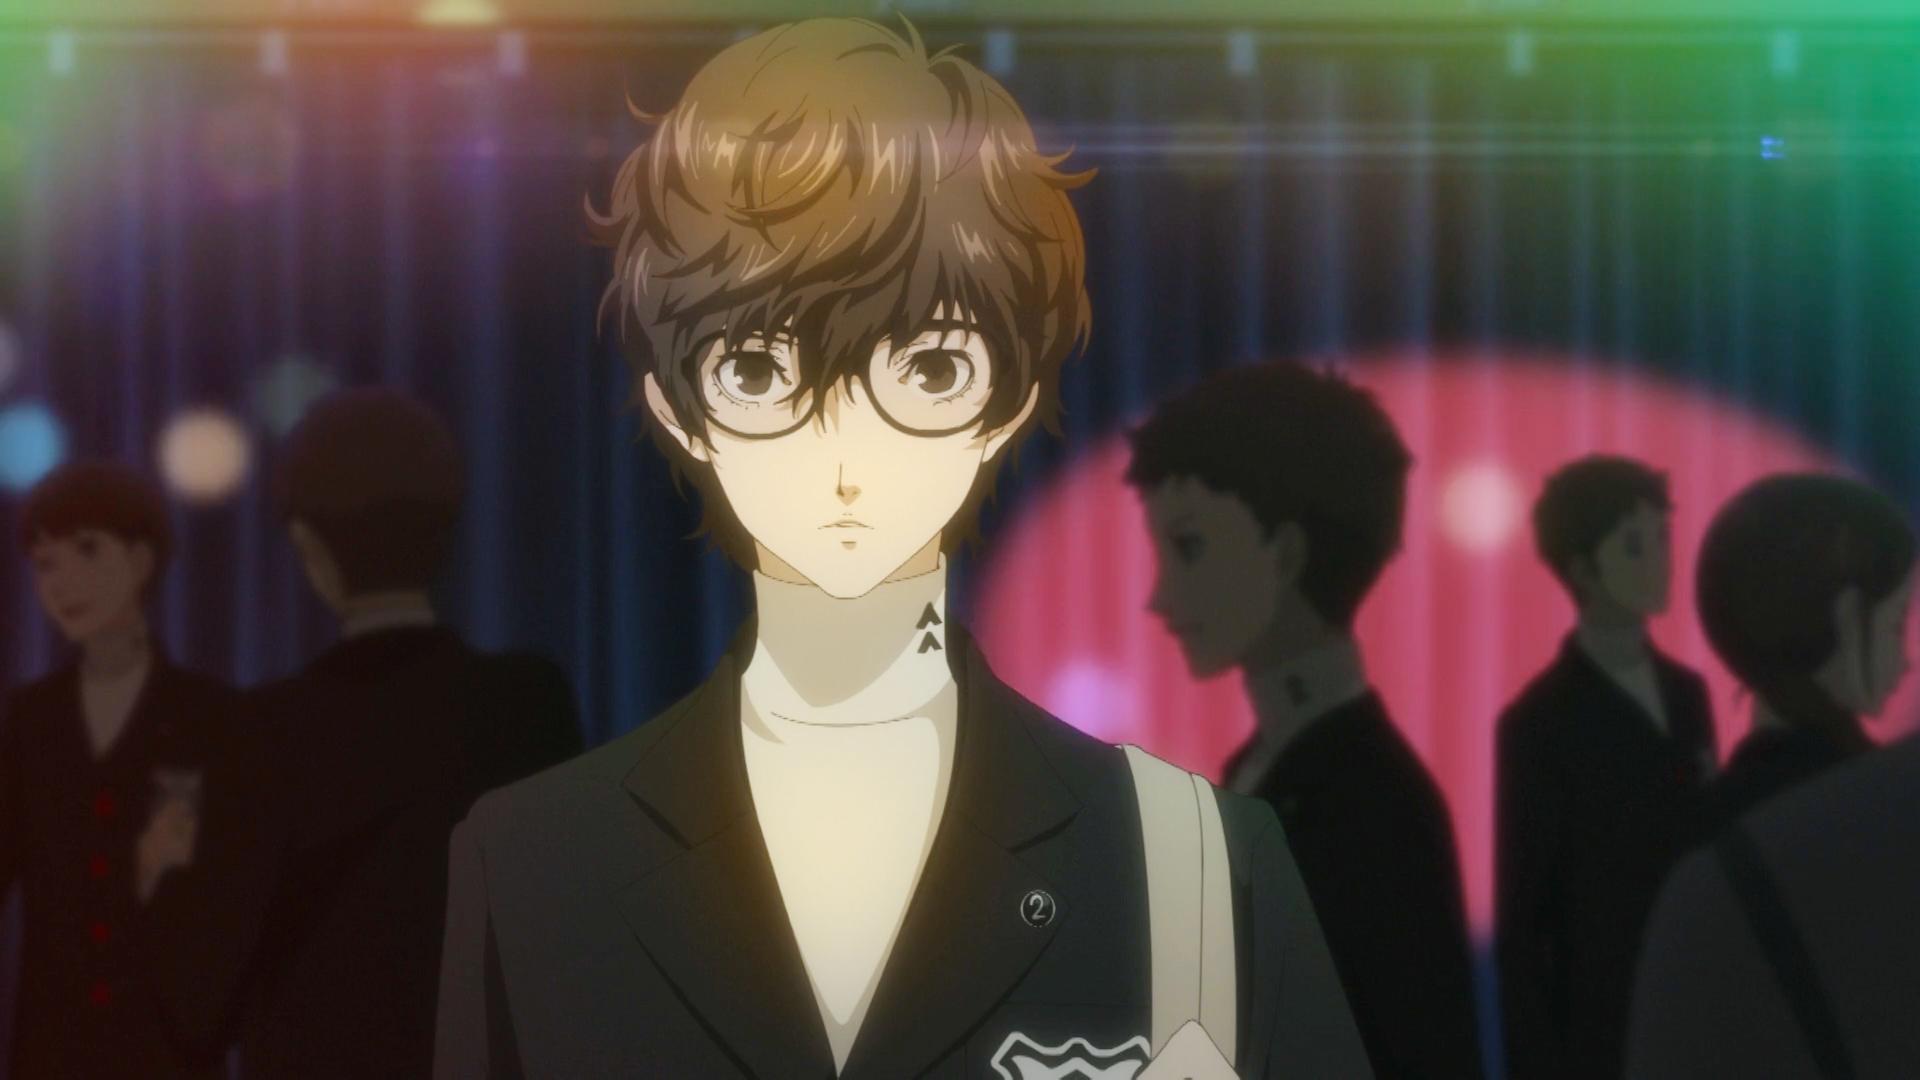 Persona 5 Royal Image